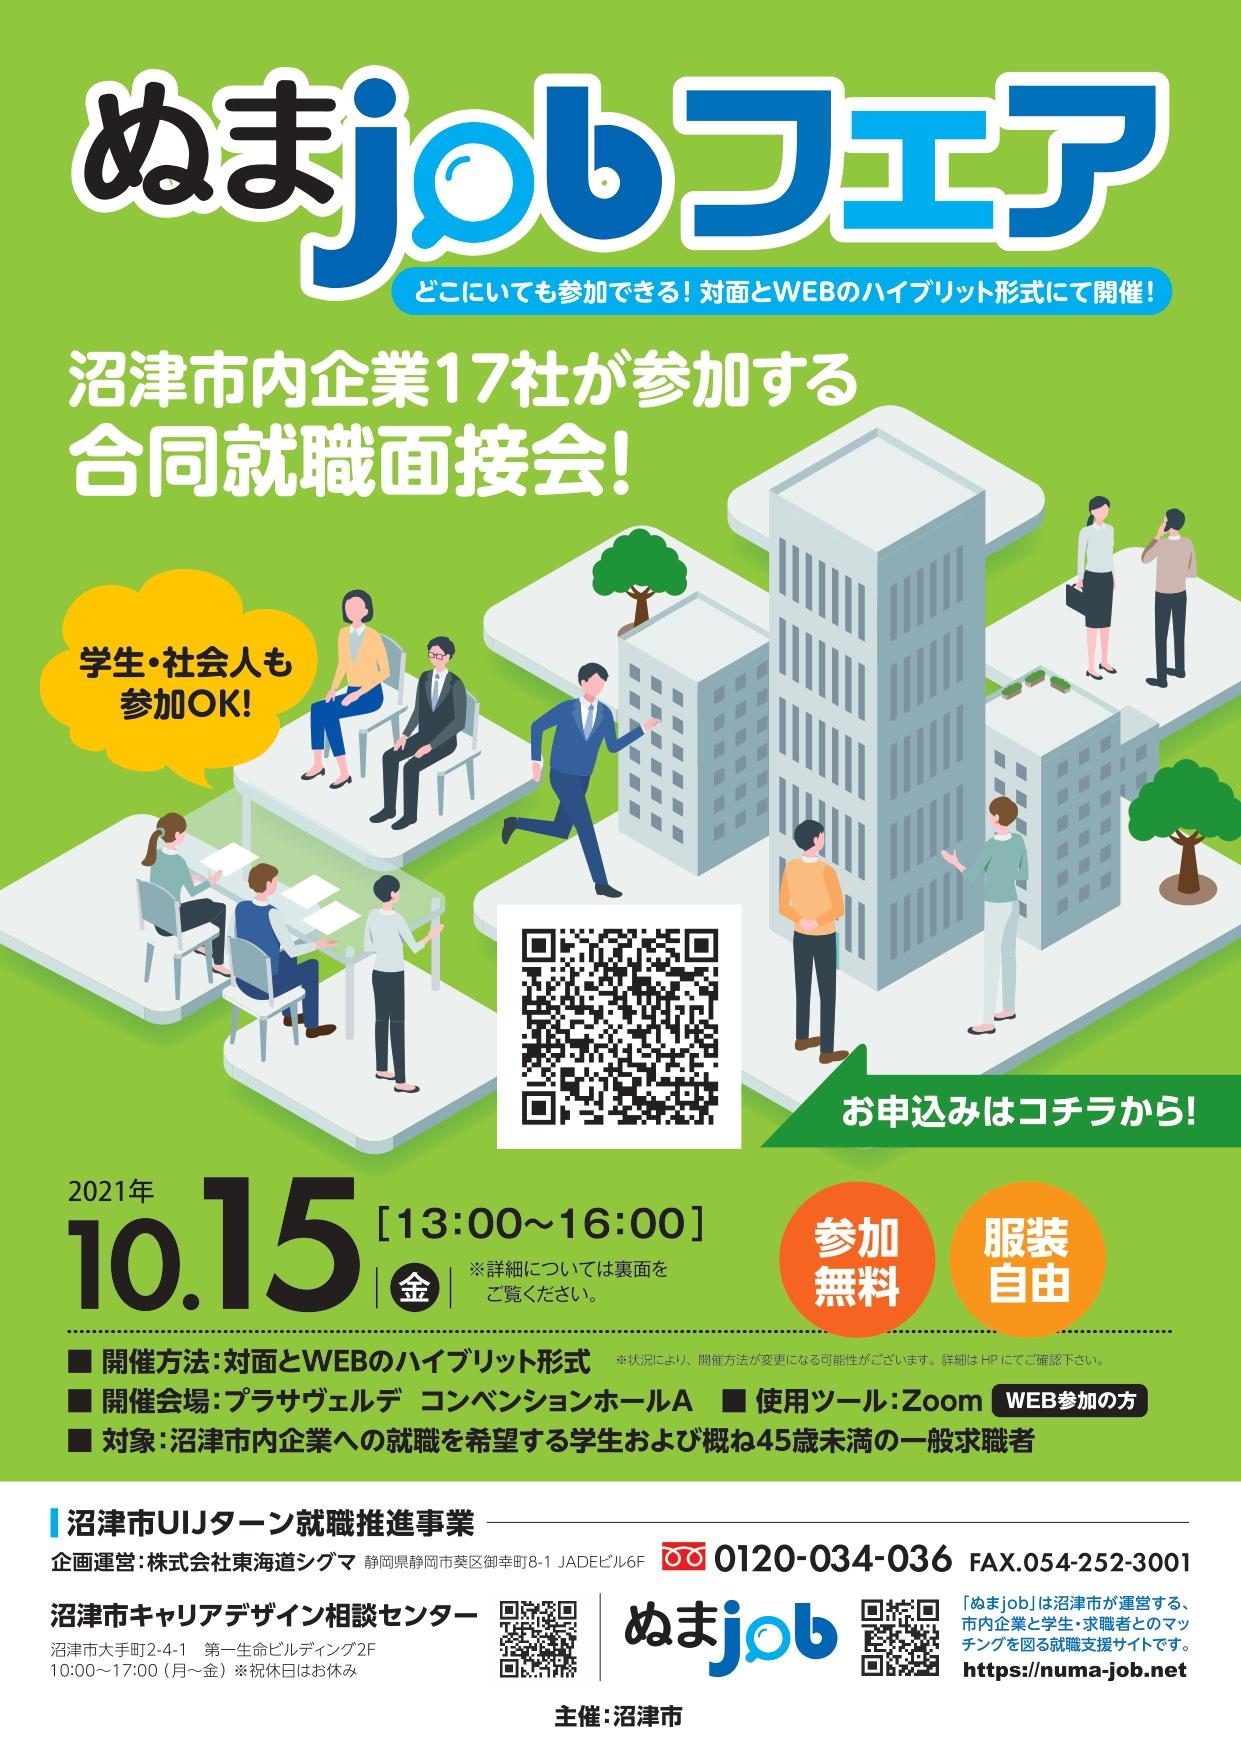 10月15日(金)ぬまjobにフェアに出展します!